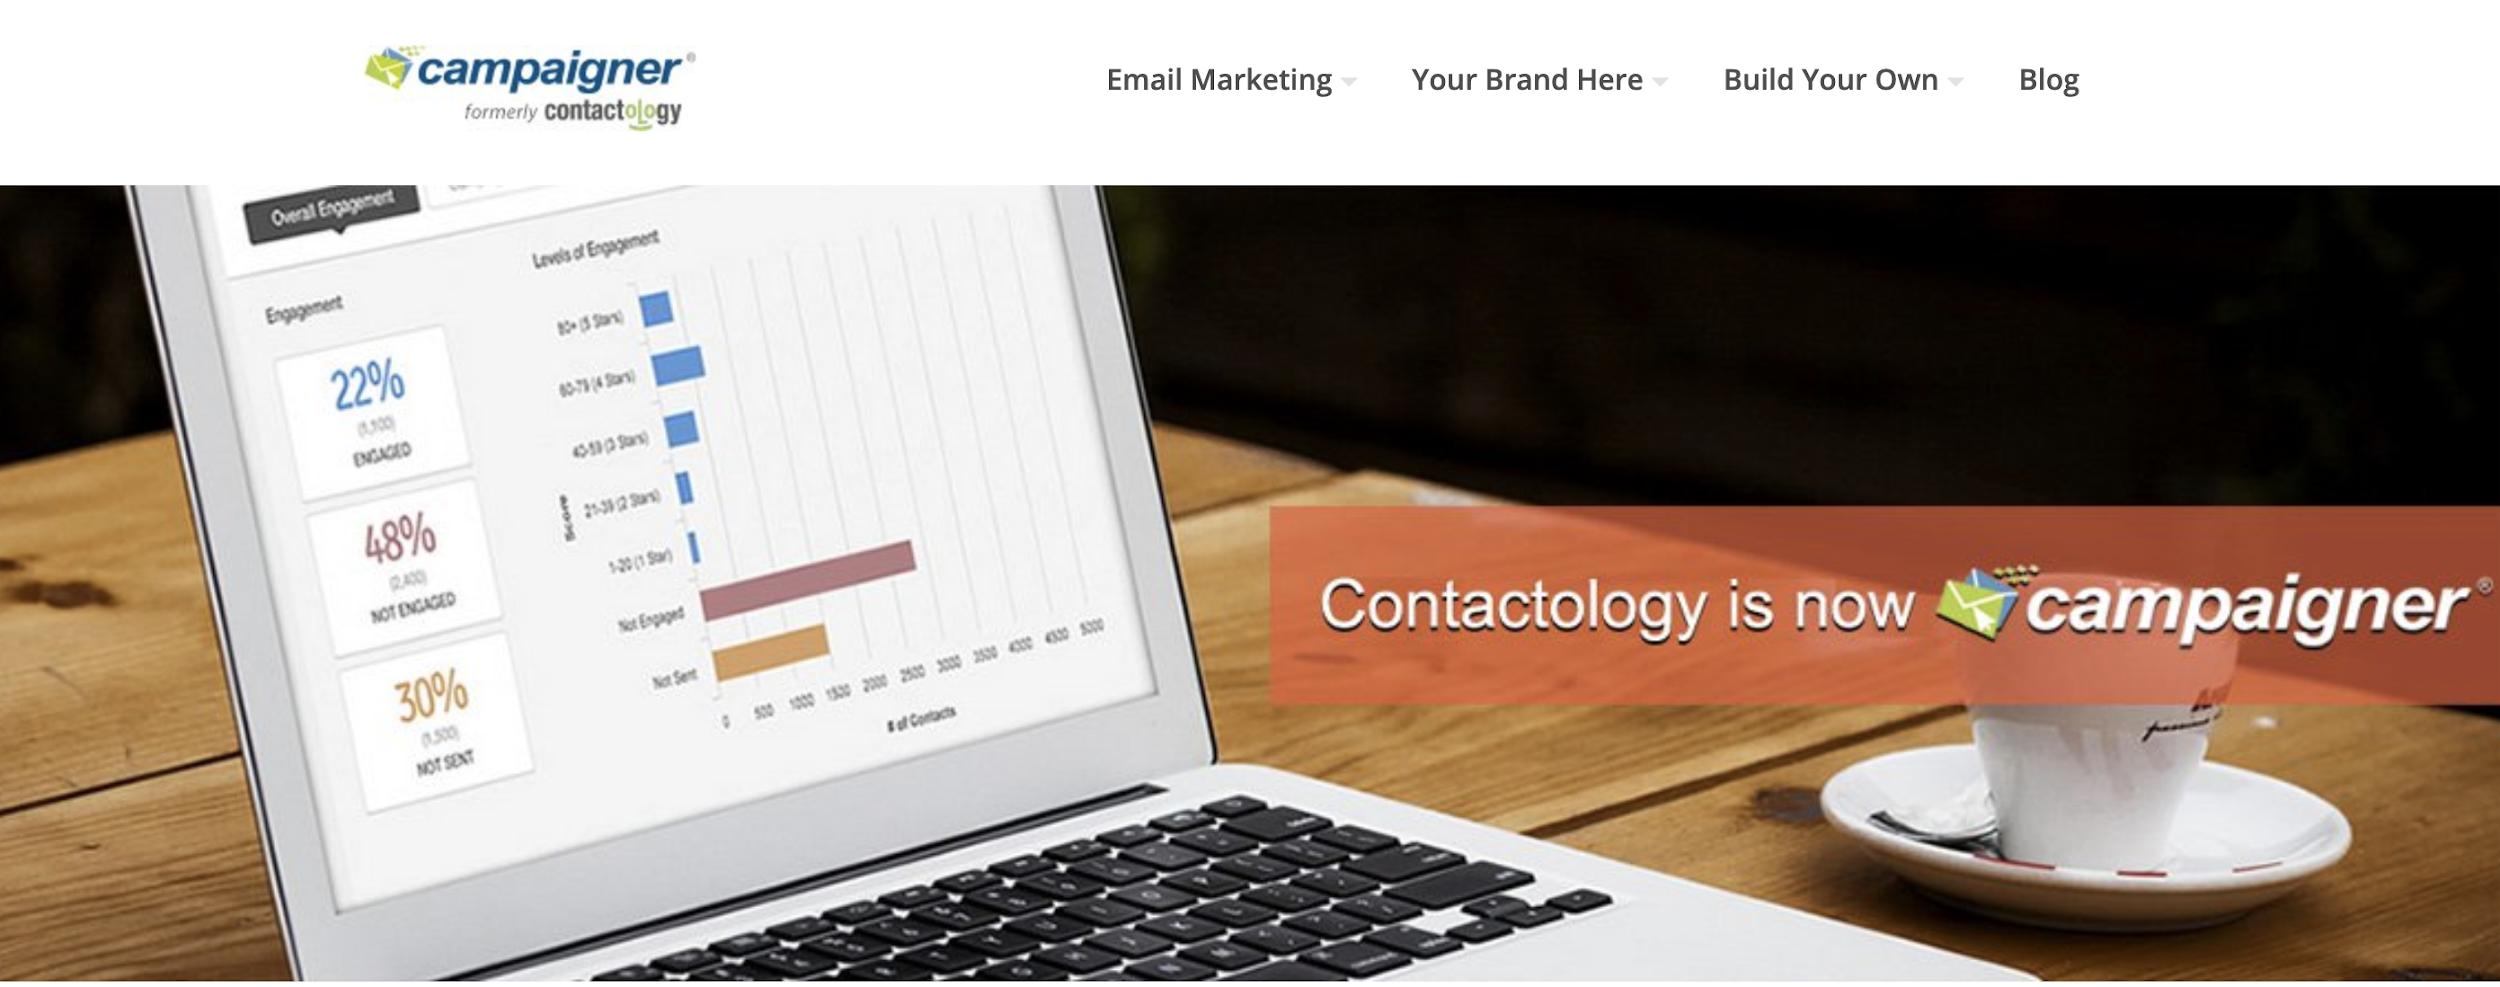 Cotactology como exemplo de ferramenta grátis de email marketing